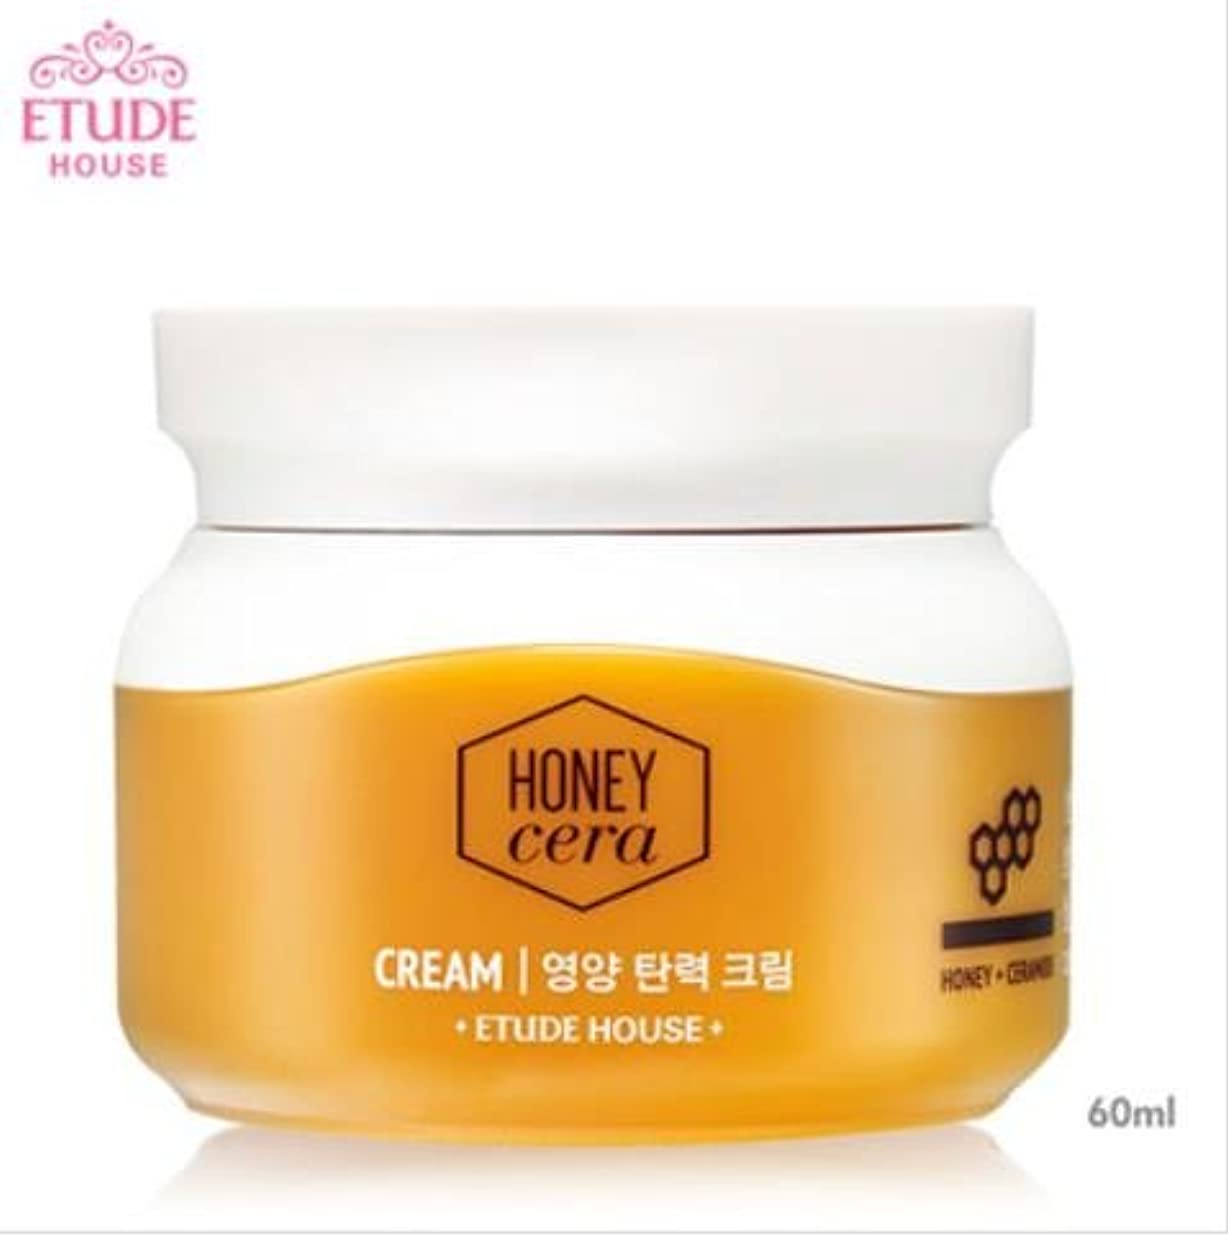 キネマティクス民族主義同級生[エチュードハウス] ETUDE HOUSE [ハニーセラ 栄養弾力 クリーム 60ml](Honey Sarah nutrition elastic Cream 60ml) [並行輸入品]